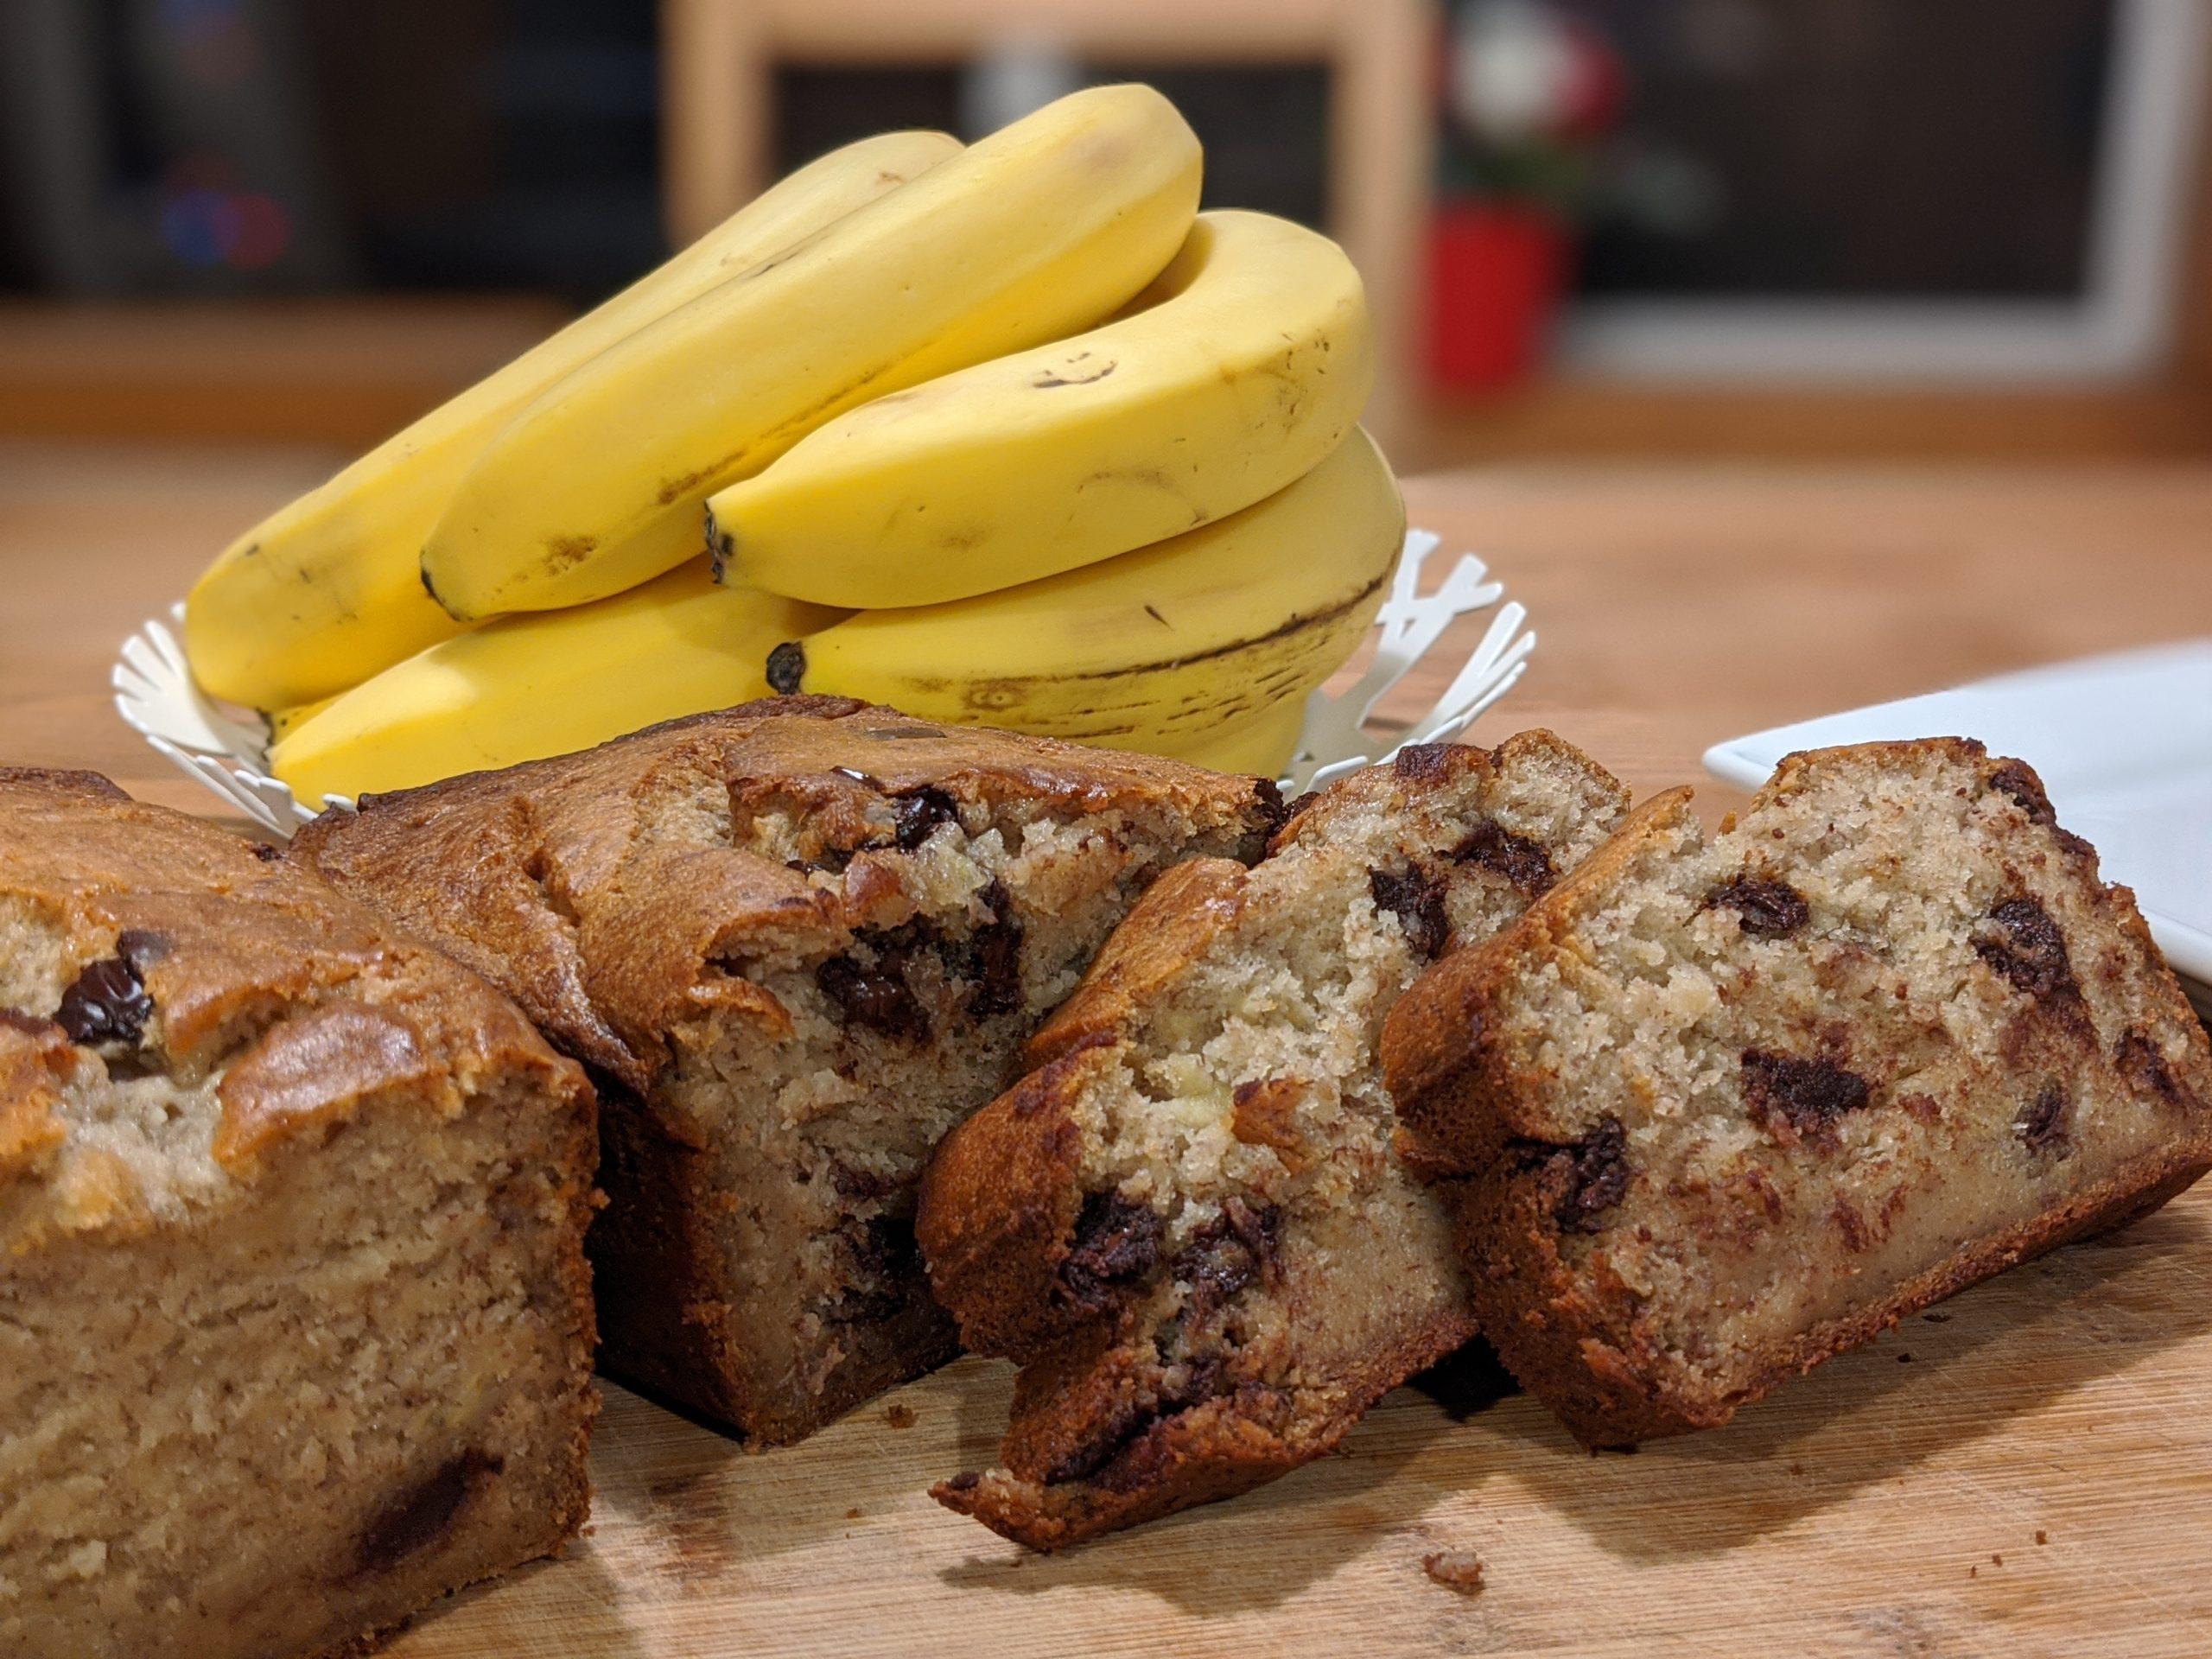 Așa faci cel mai bun chec cu banane – atât de pufos și gustos că l-ai mânca pe tot deodată